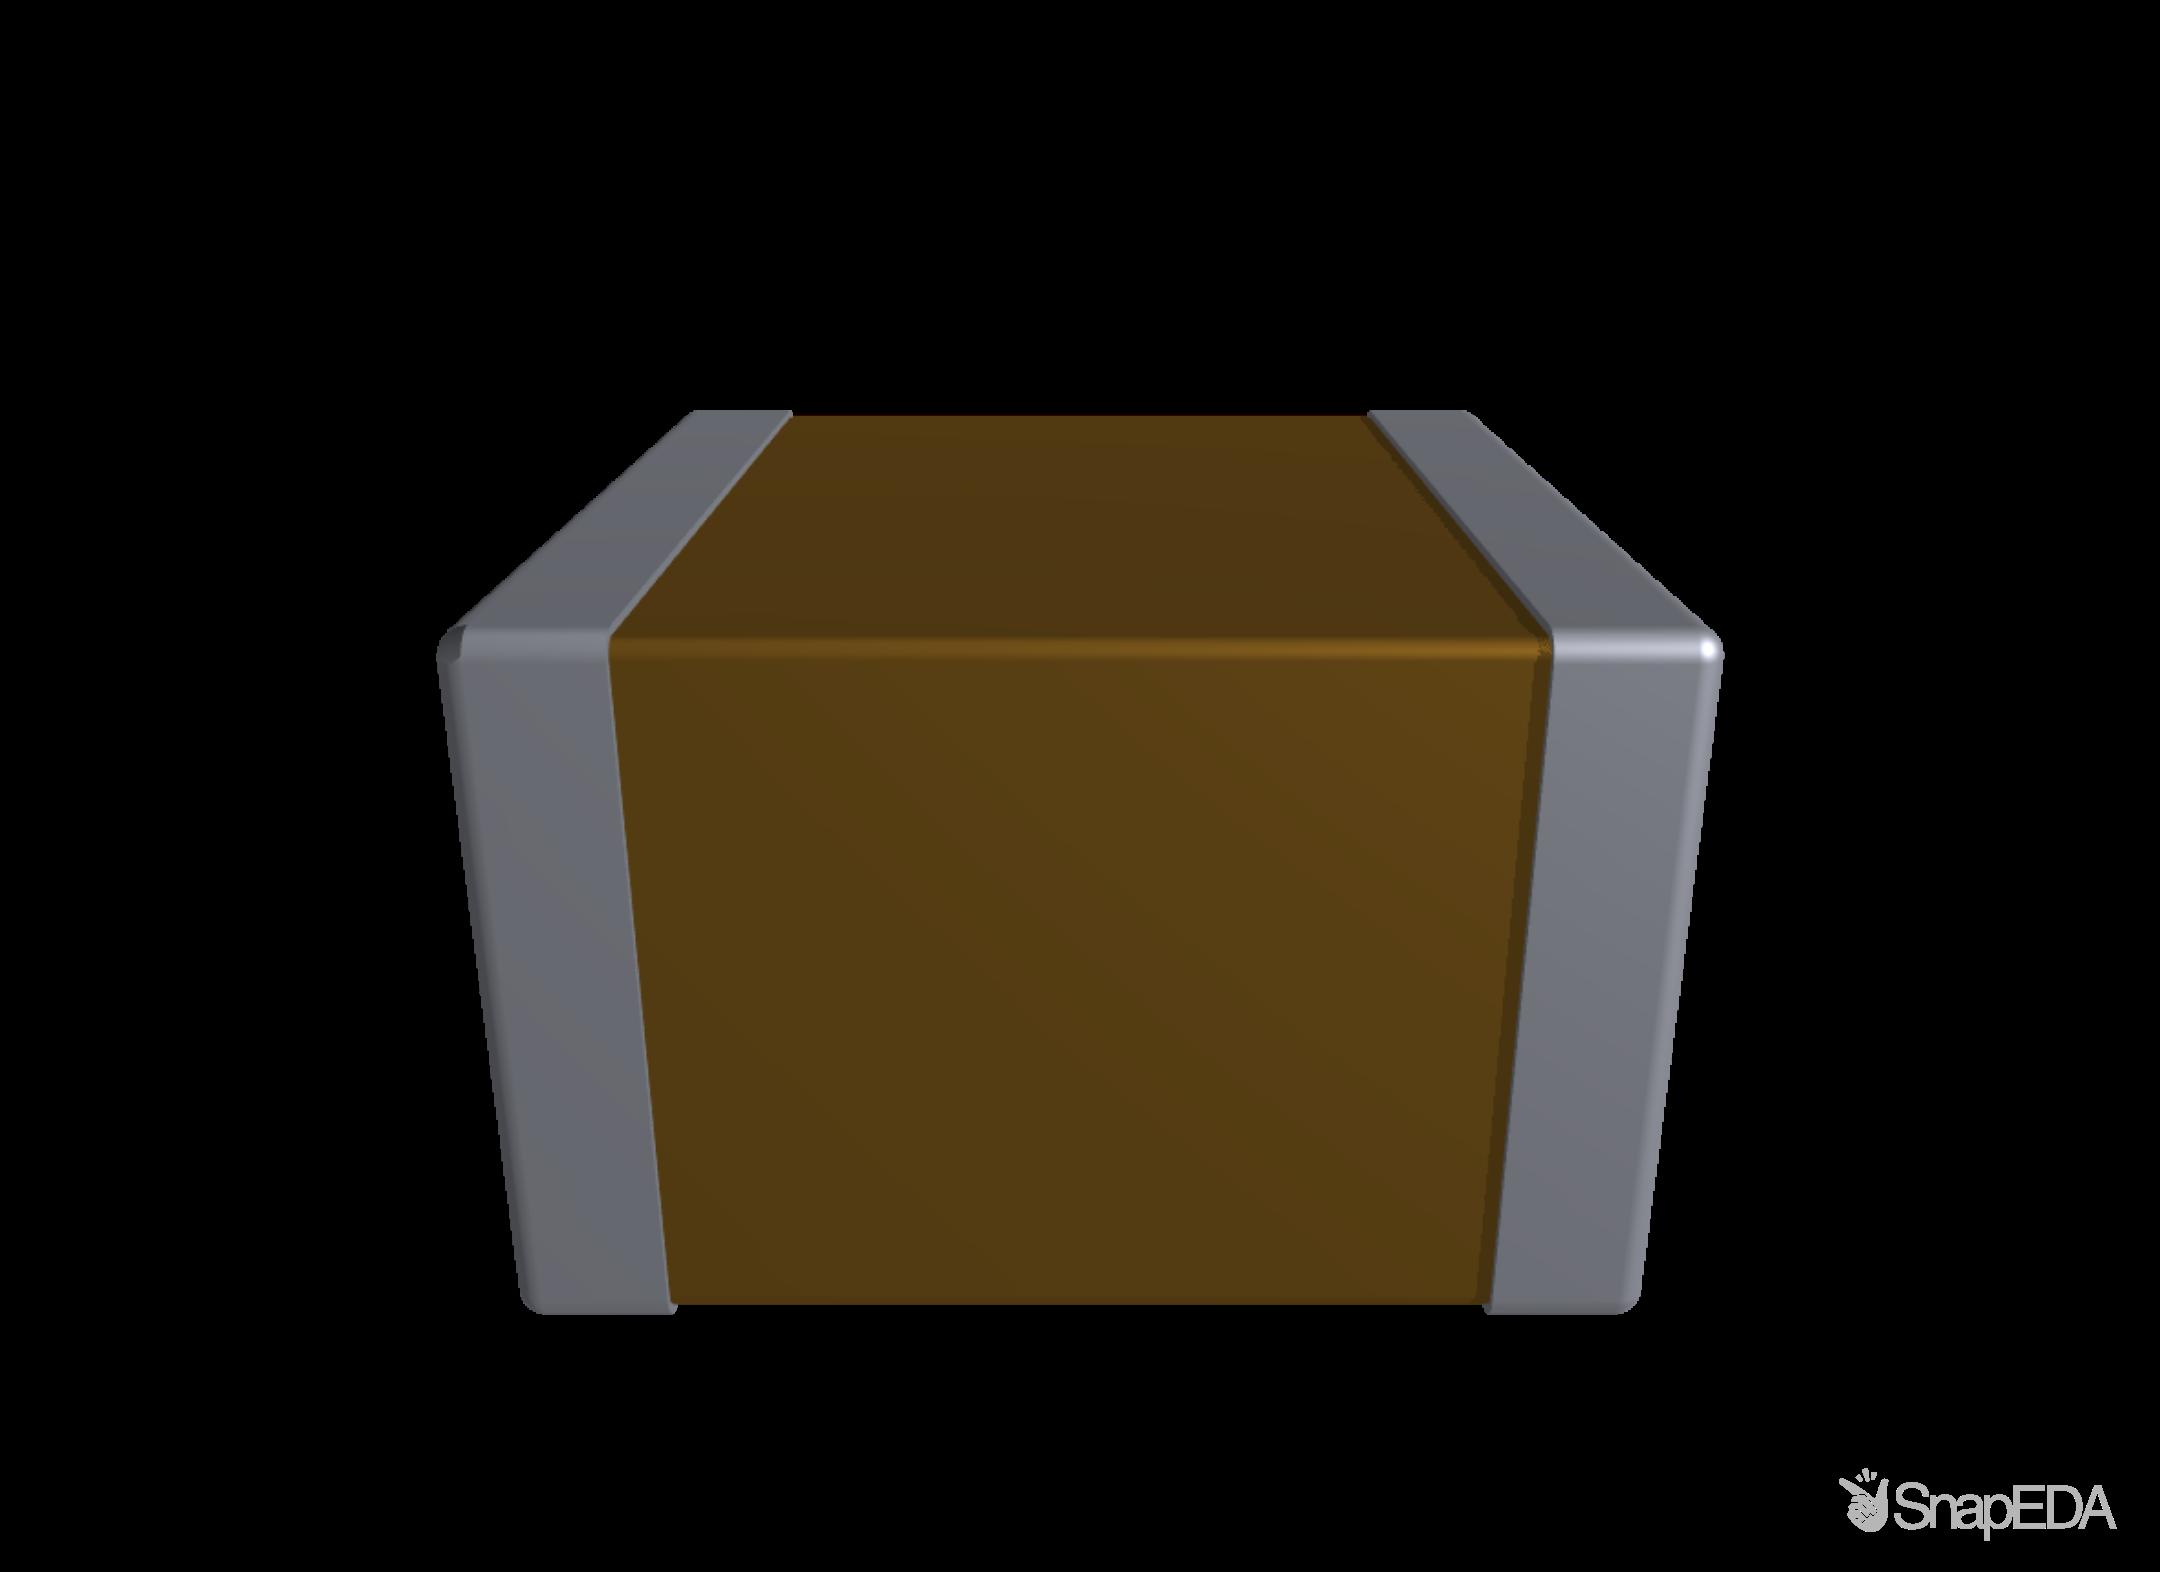 1111J2500331FQT 3D Model